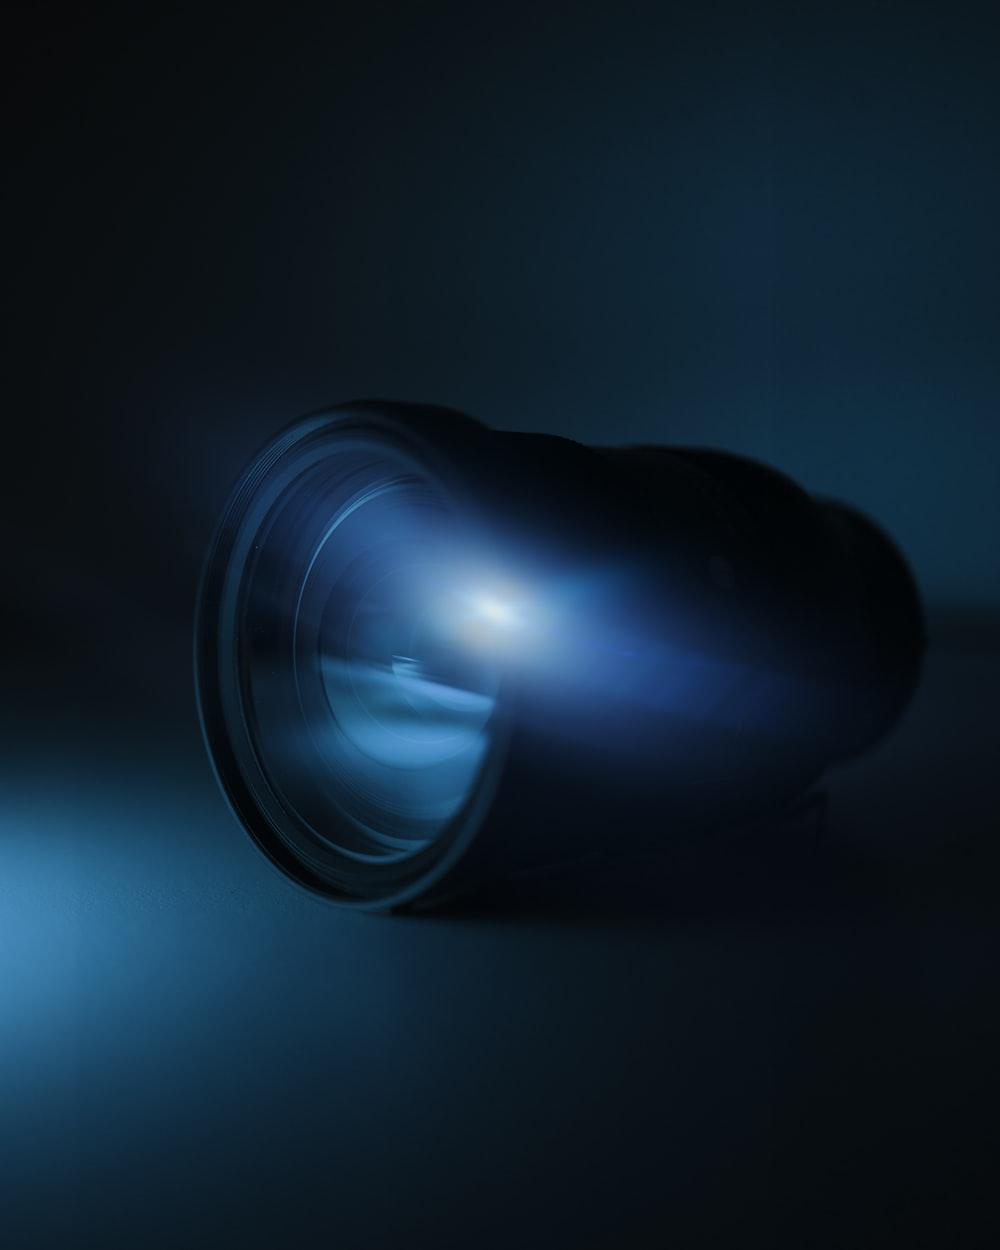 blue light bulb turned on in dark room